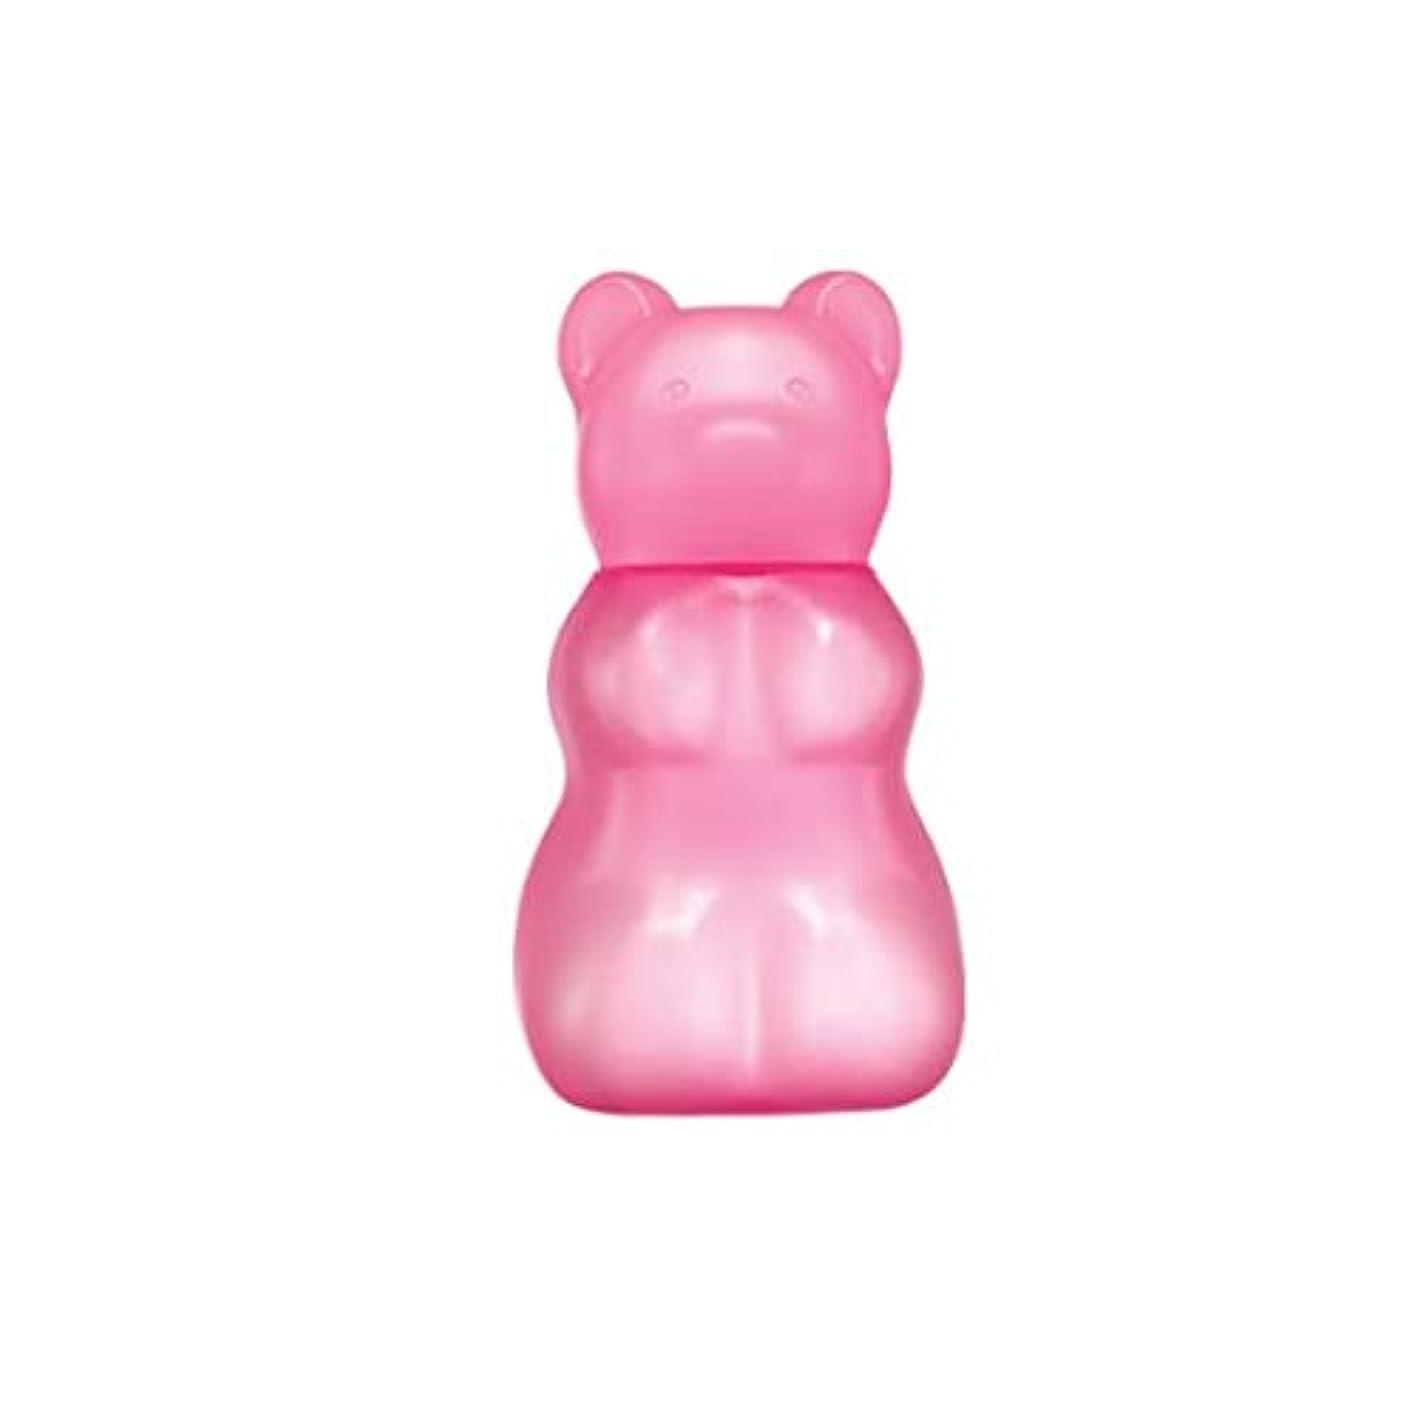 小説家乏しい暗黙Skinfood グミベアゼリークリーンジェル(アップル)#ラズベリー(ハンドジェル) / Gummy Bear Jelly Clean Gel (Apple) #Raspberry (Handgel) 45ml [並行輸入品]